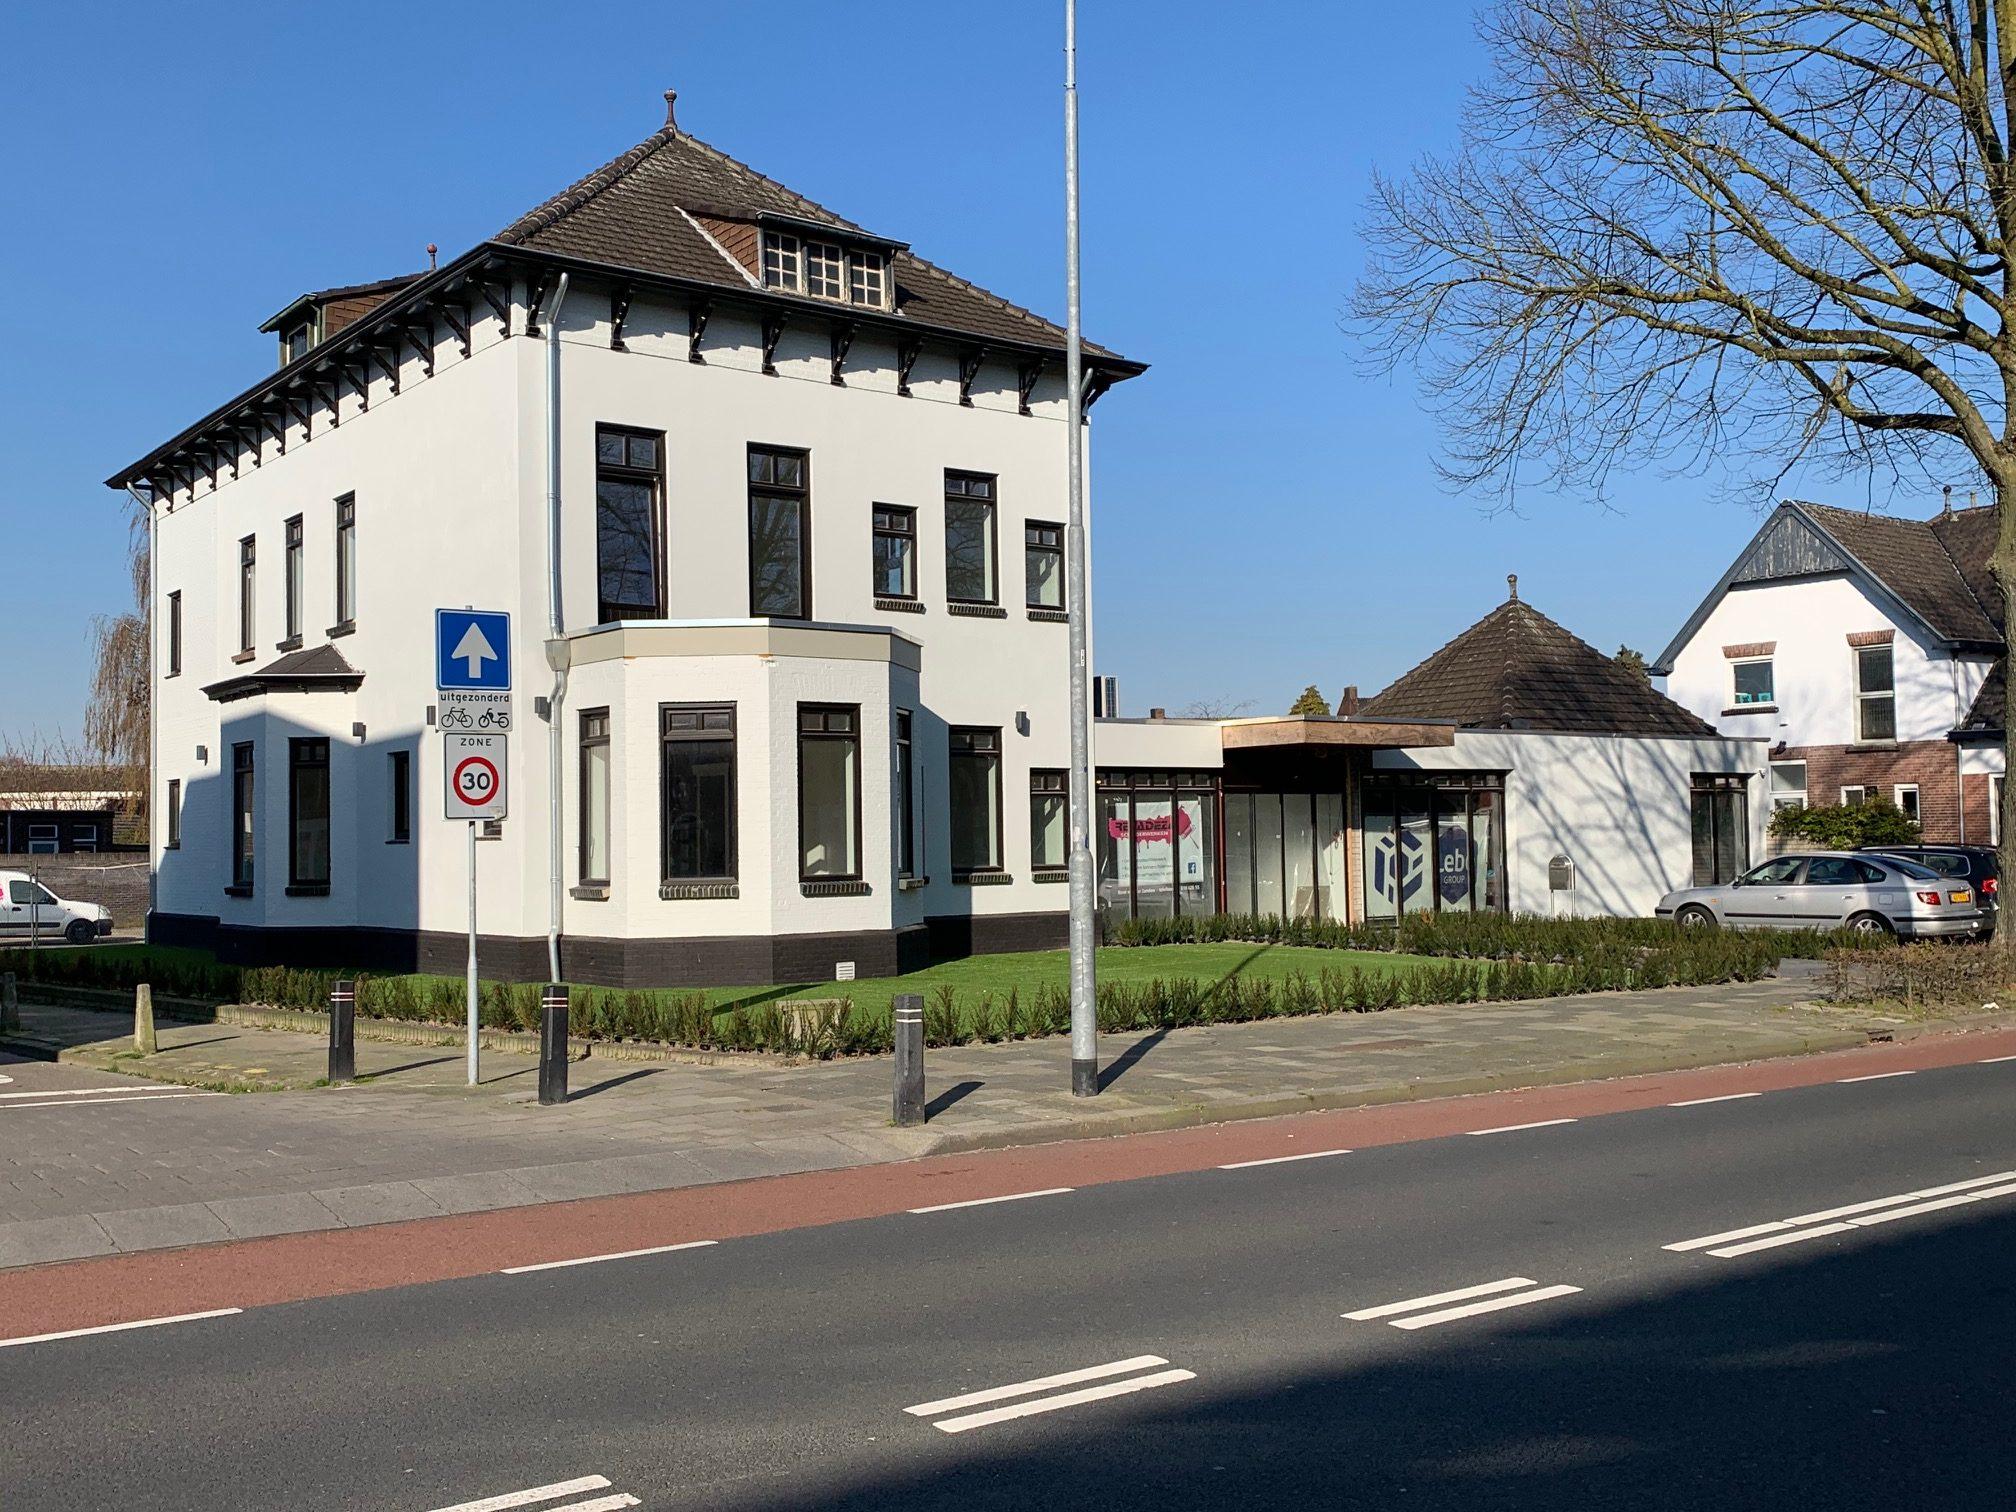 Kaldenkerkerweg 88